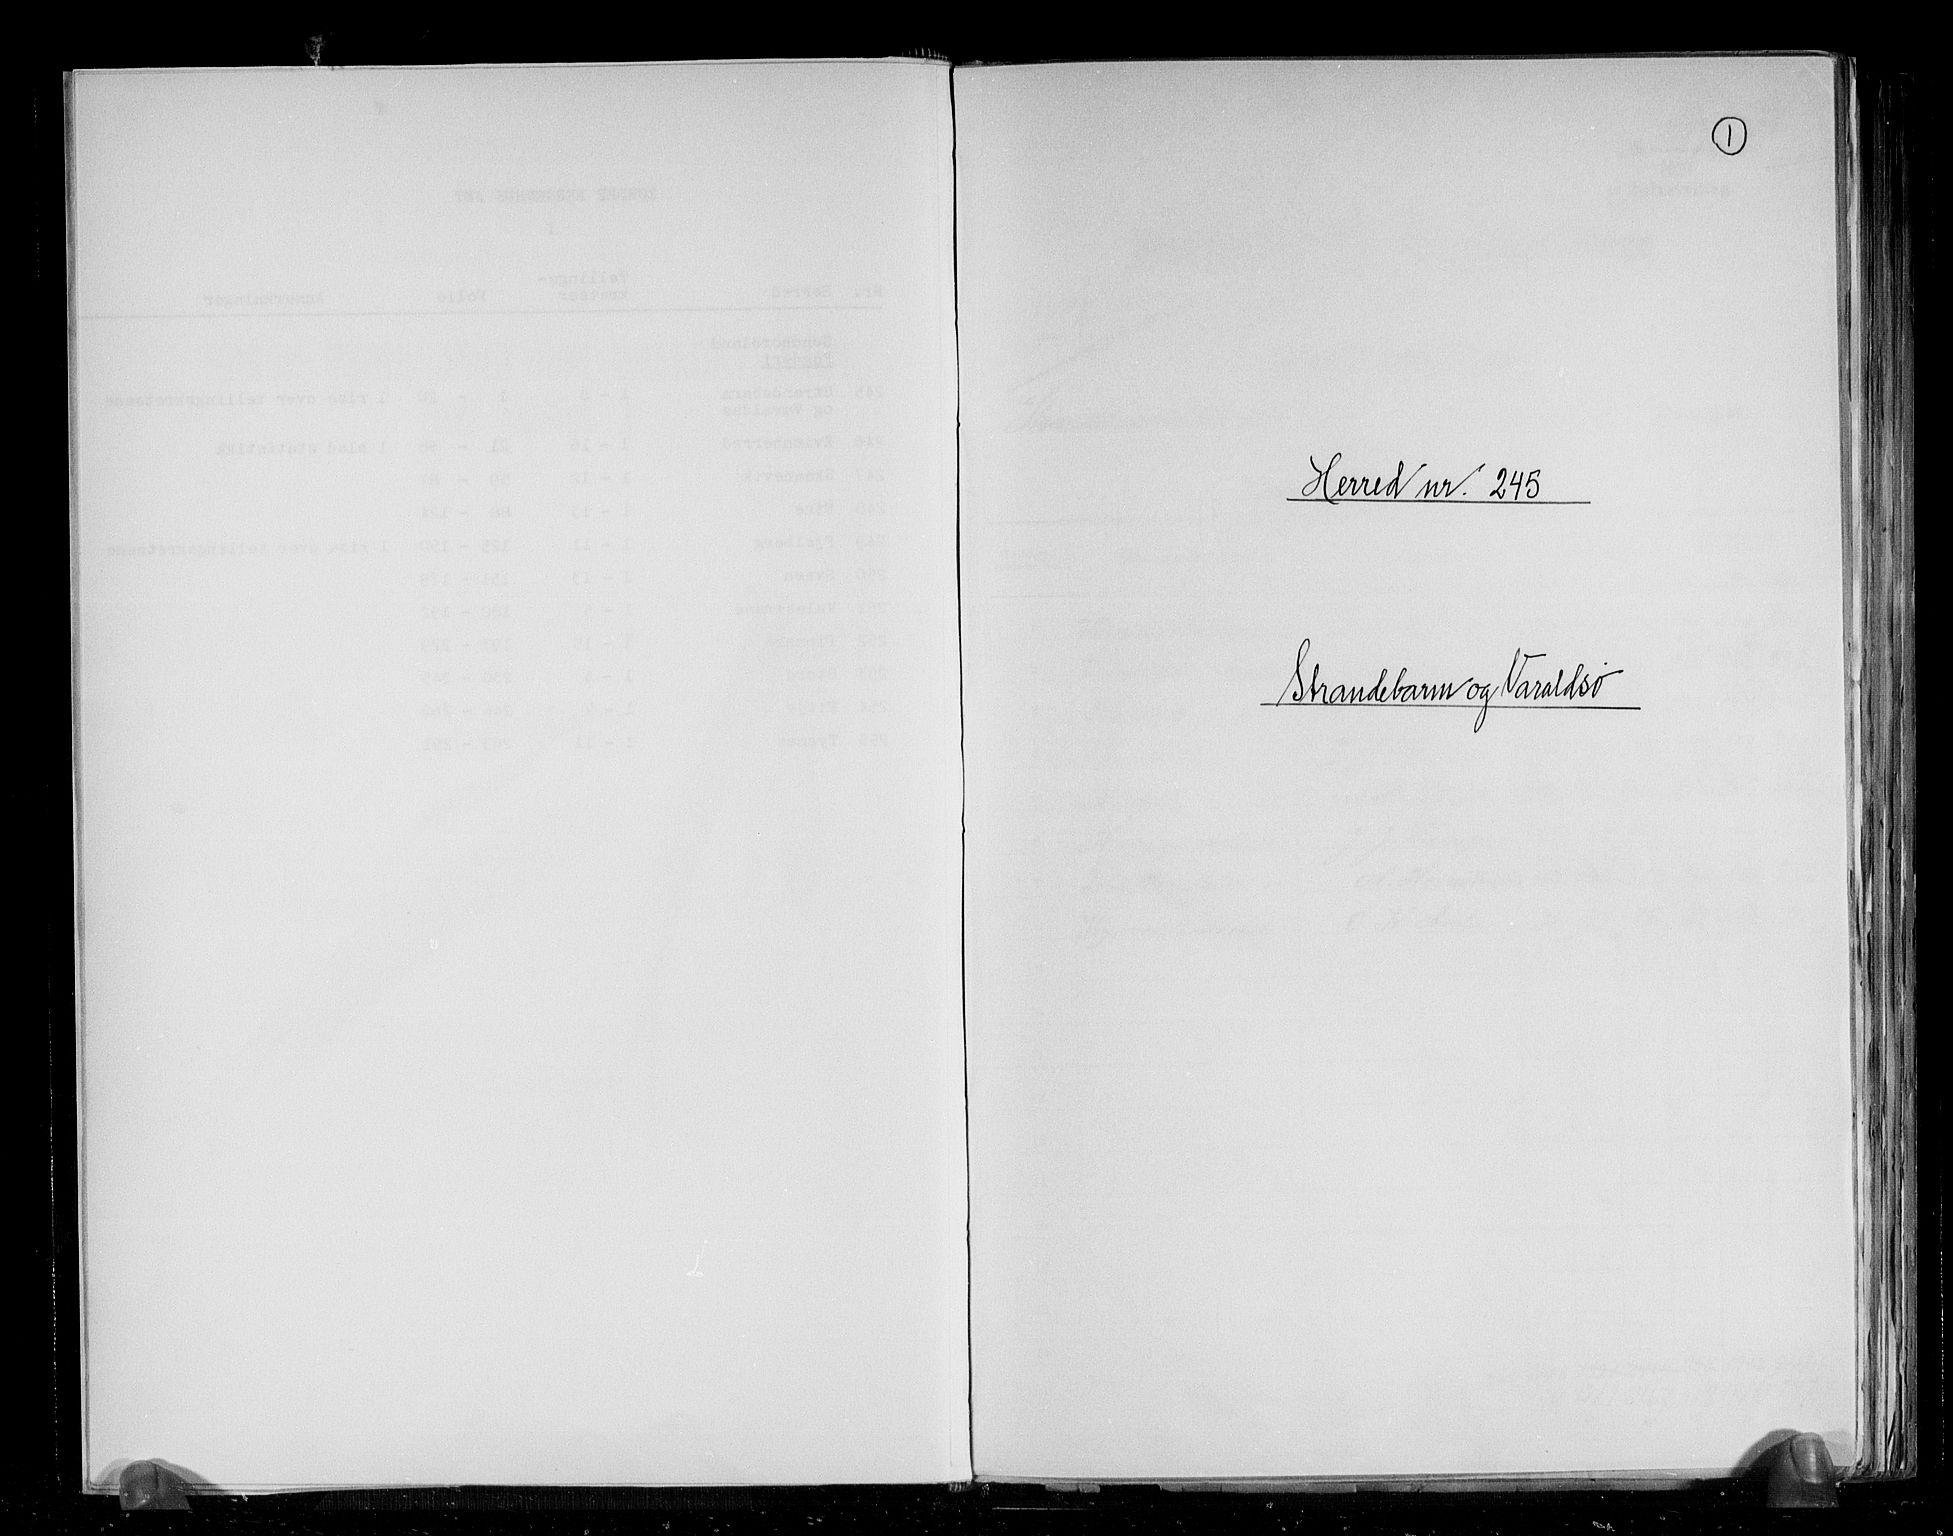 RA, Folketelling 1891 for 1226 Strandebarm og Varaldsøy herred, 1891, s. 1